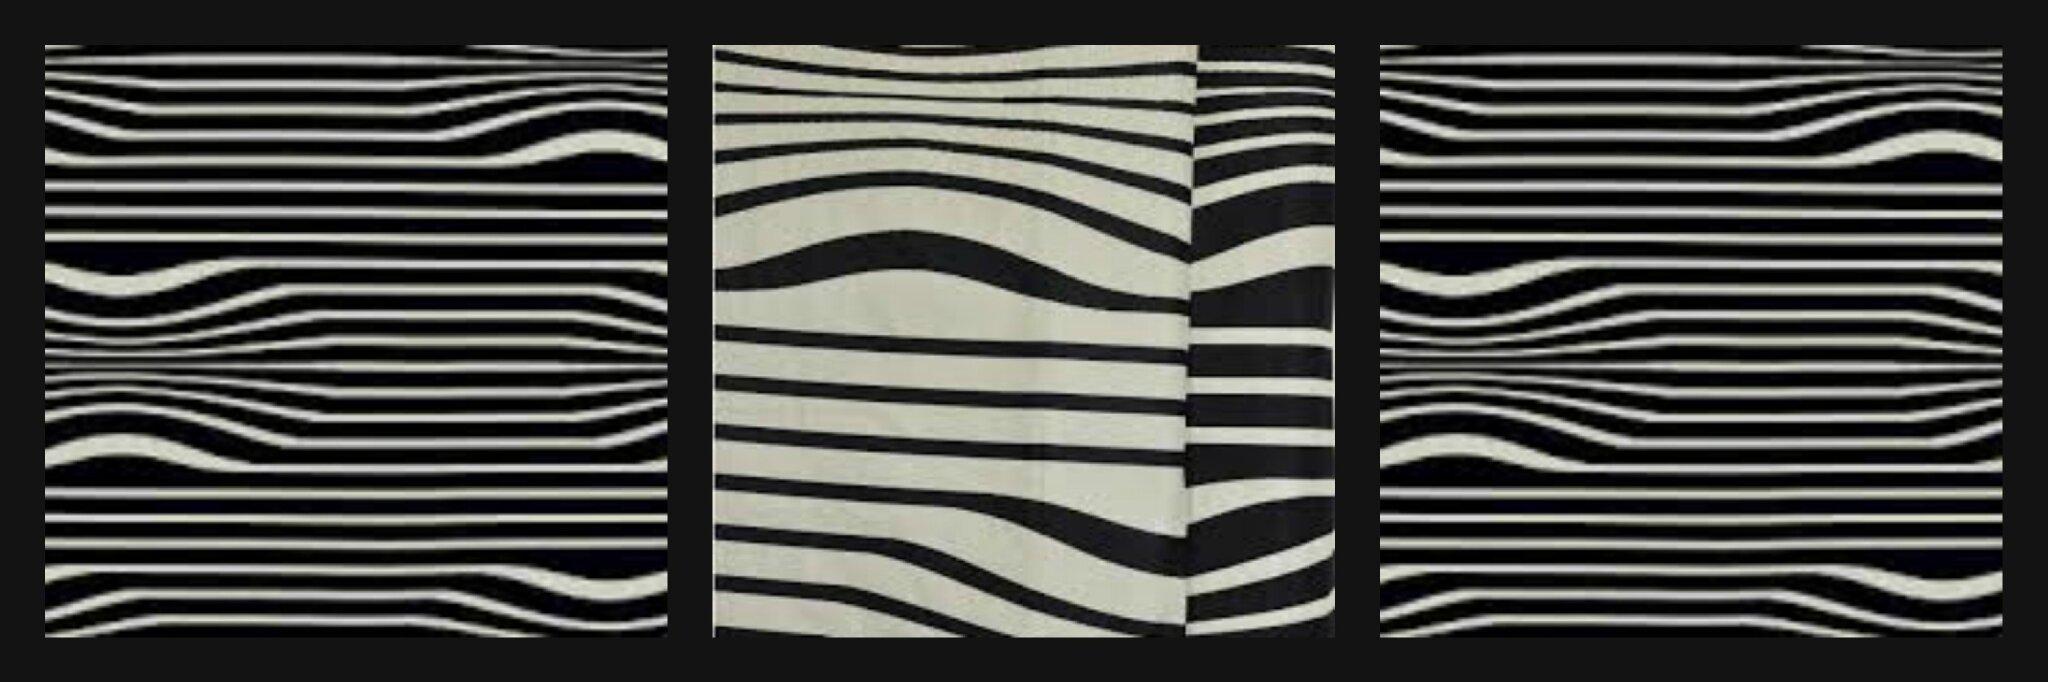 tissu illusion Jean Paul Gaultier côté sièges à Brest